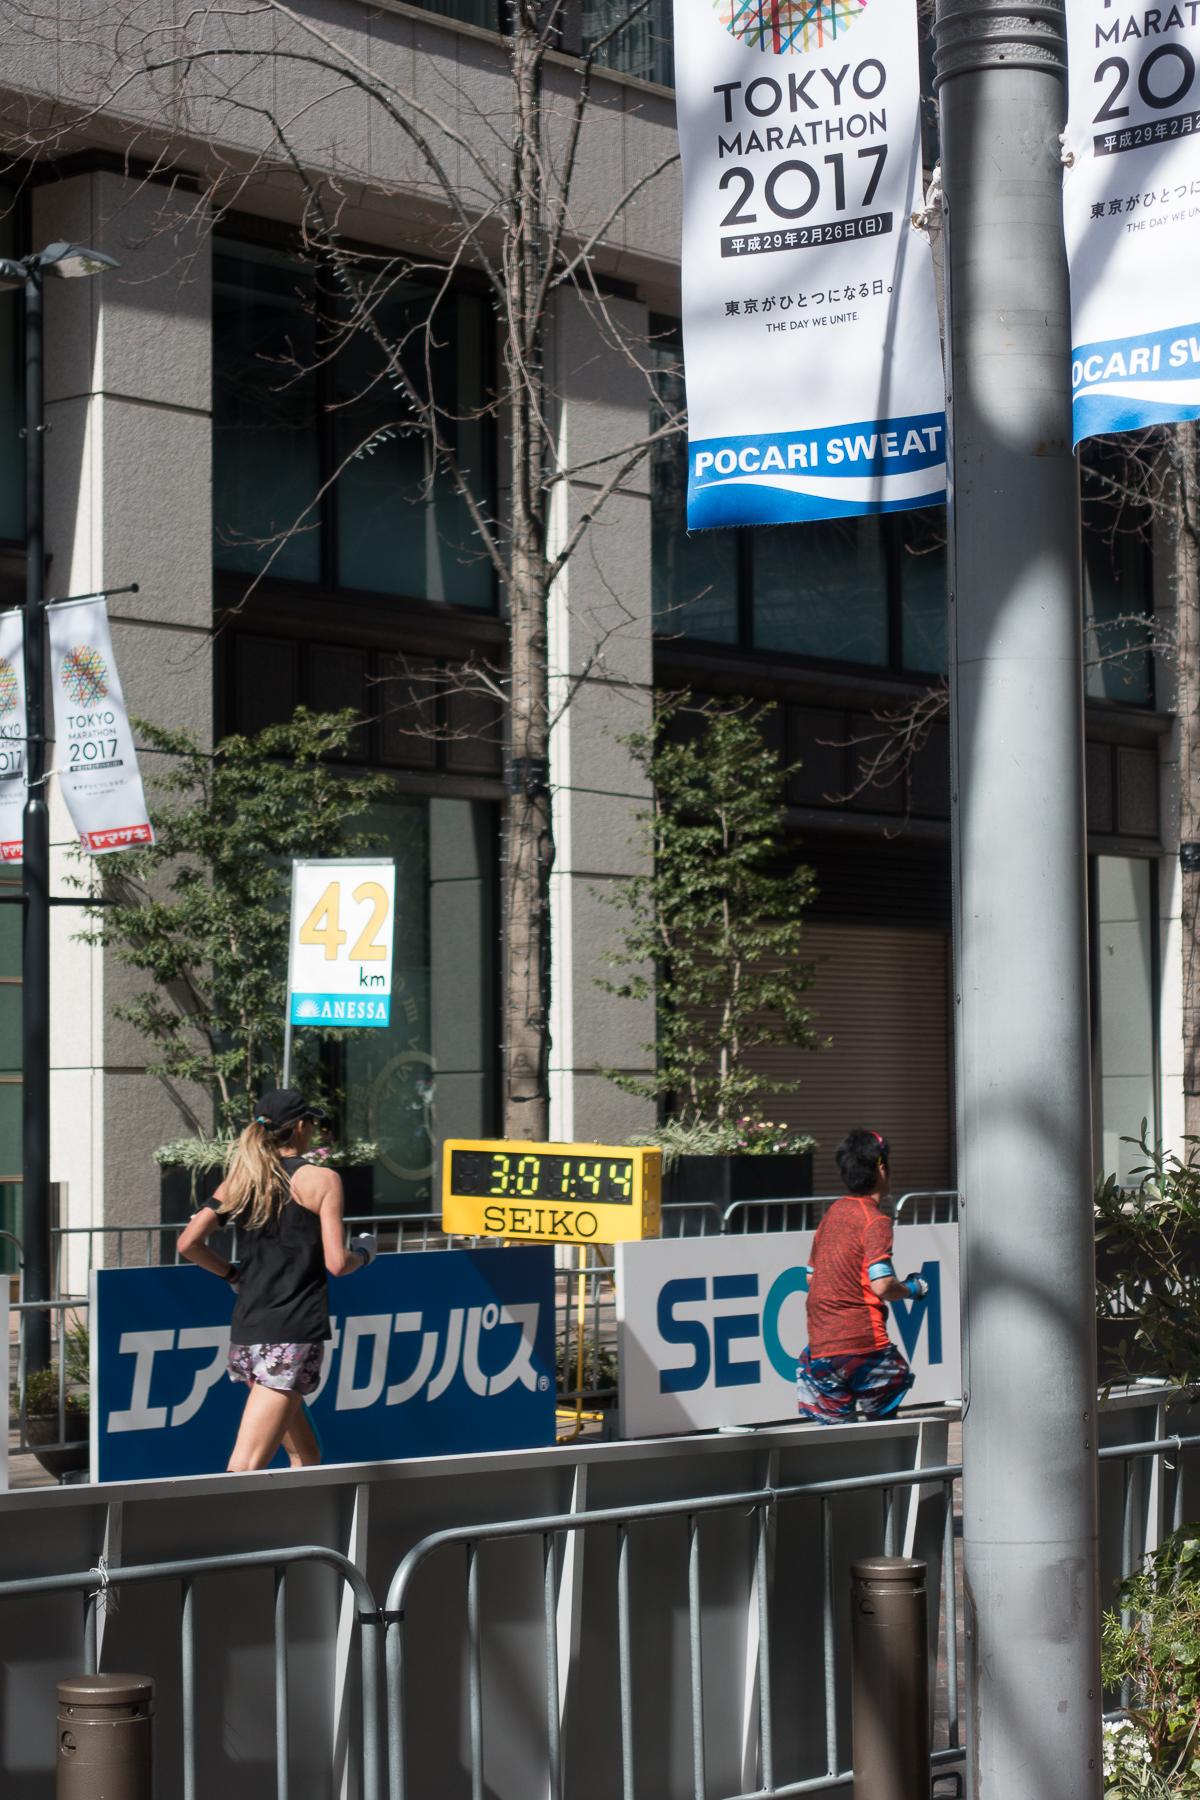 Seiko Sports Timer